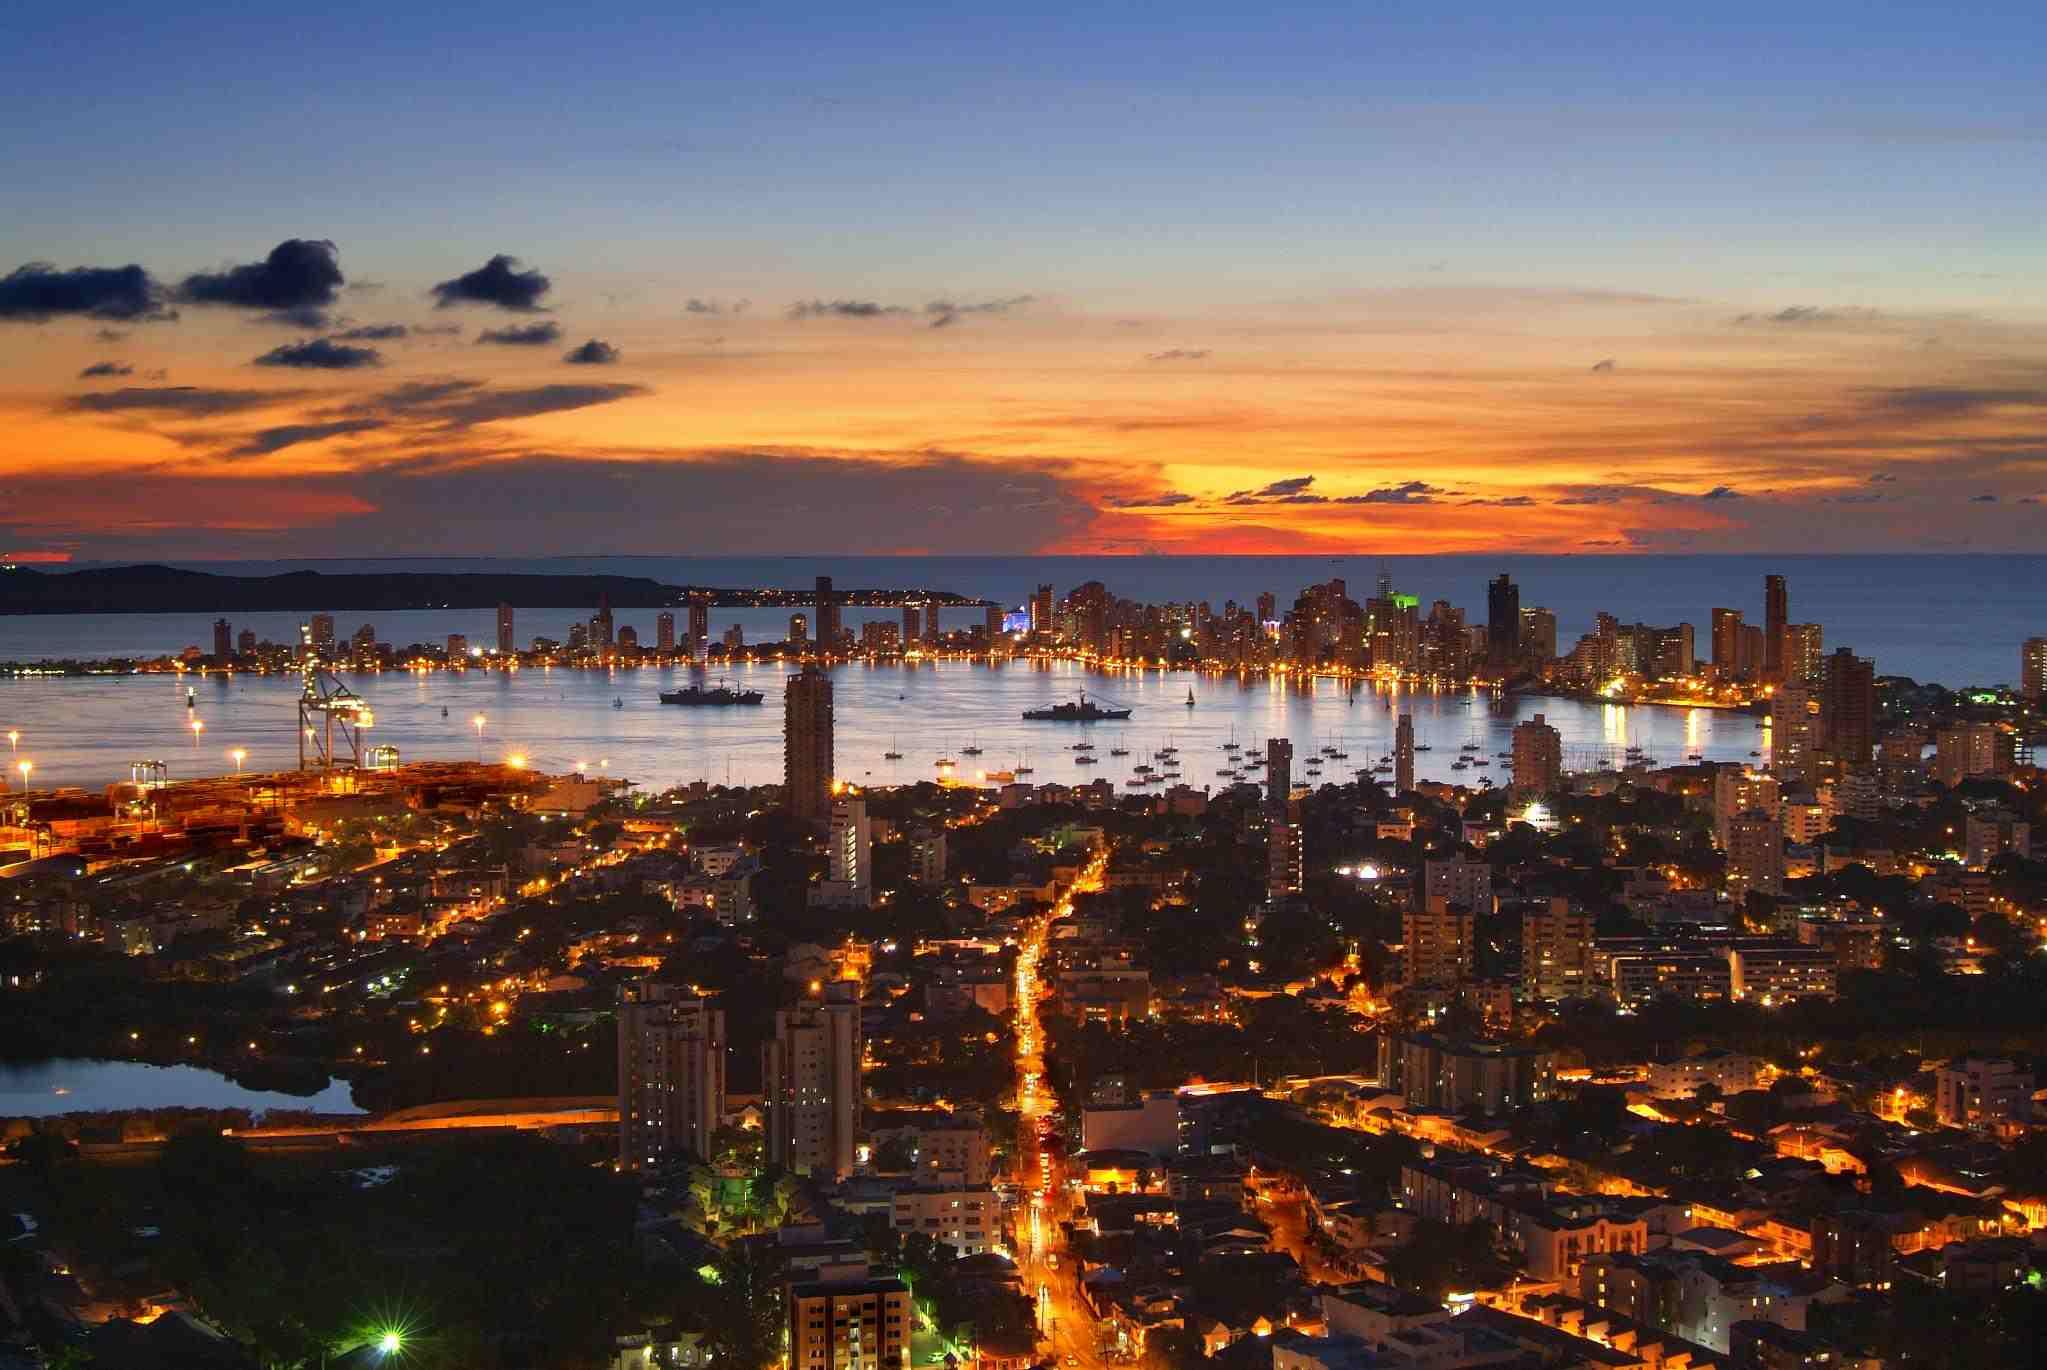 Atardecer en la bahia de Cartagena de Indias